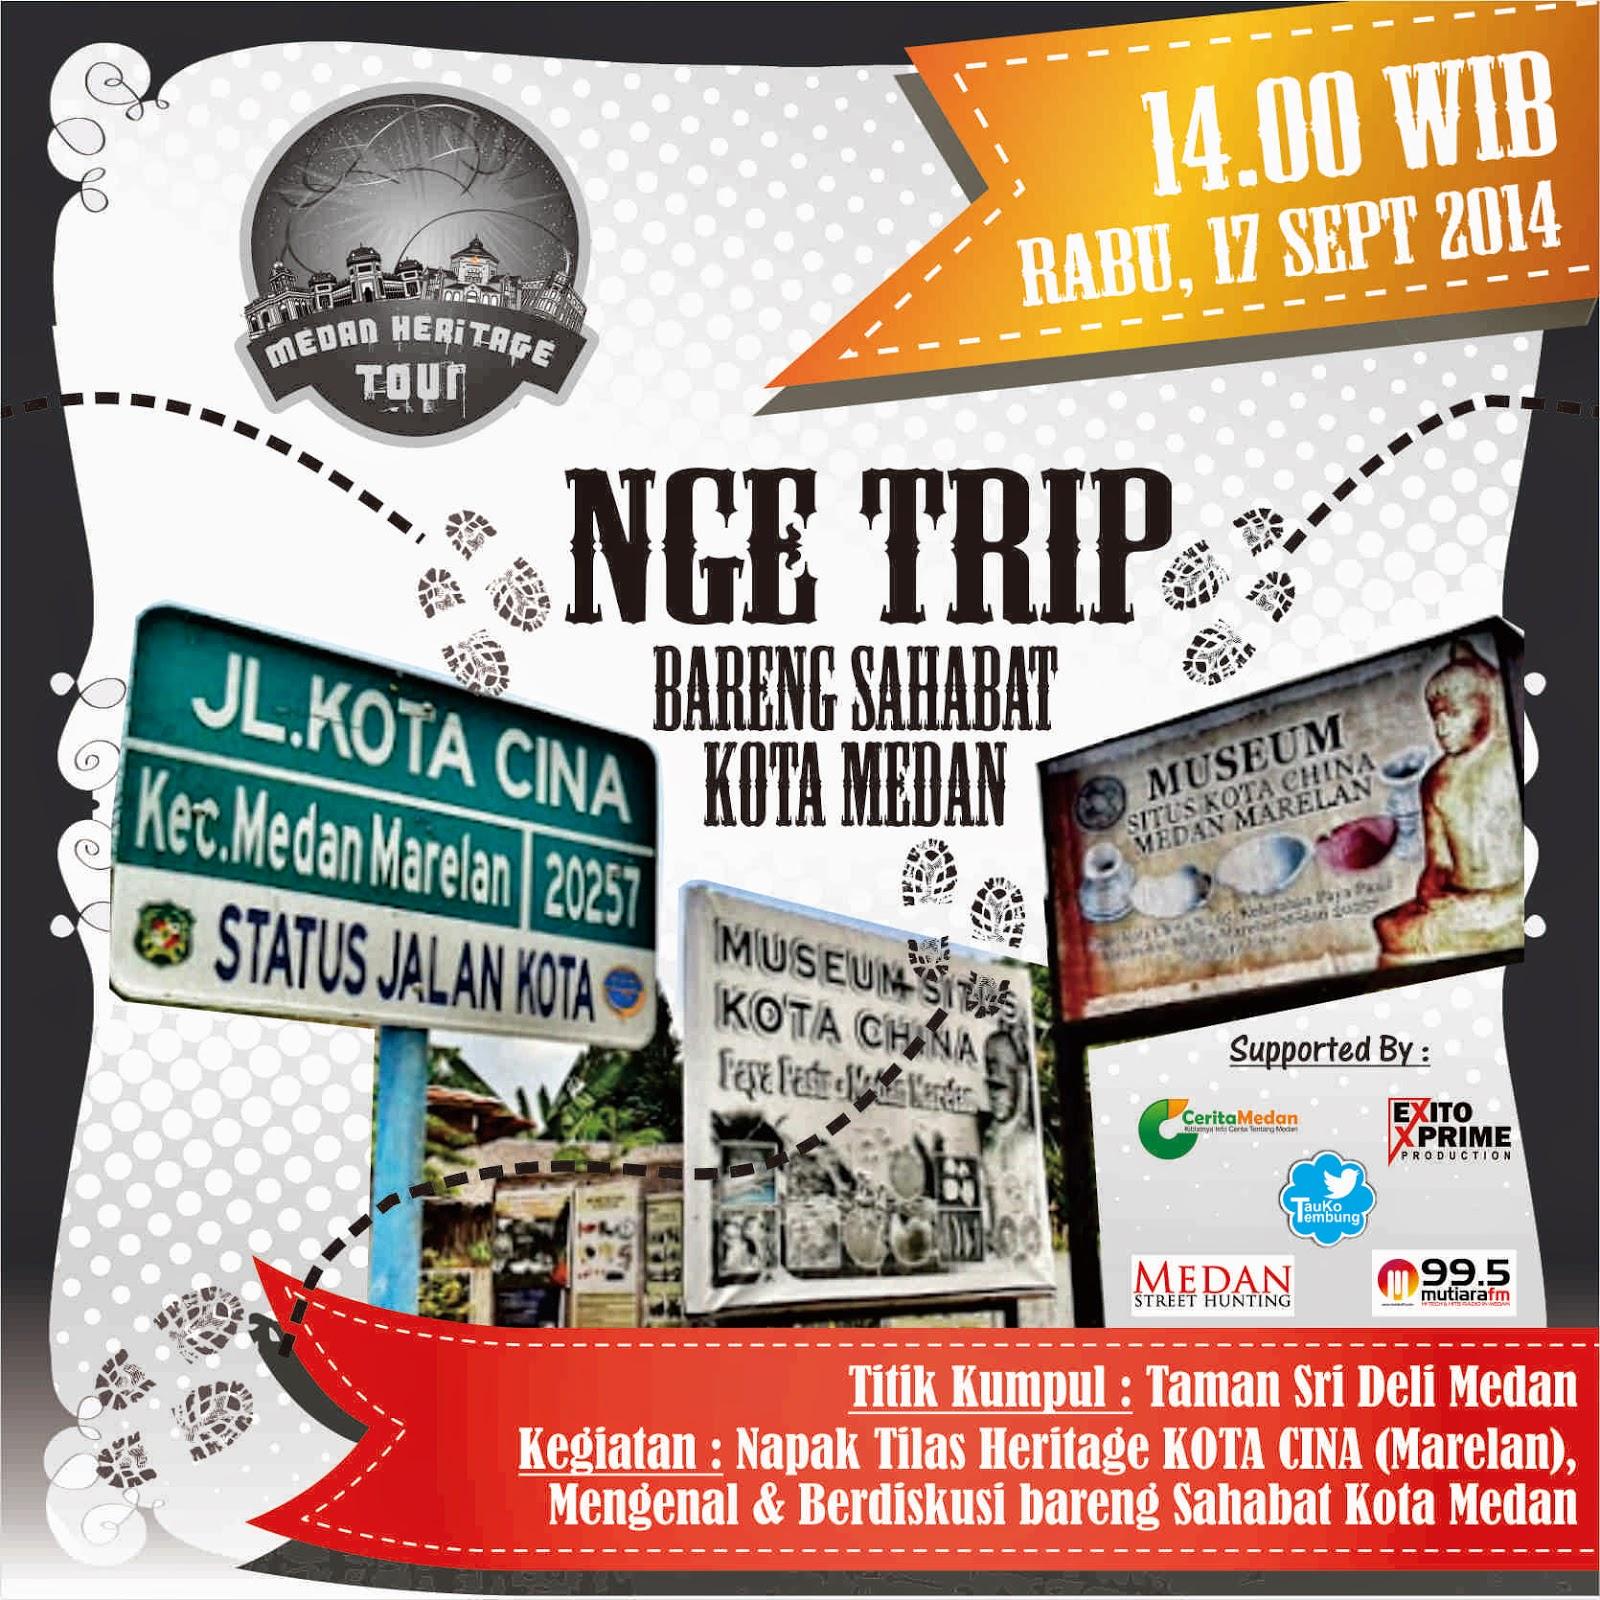 Wisata Situs Kota Cinta Bareng Sahabat Kota Medan